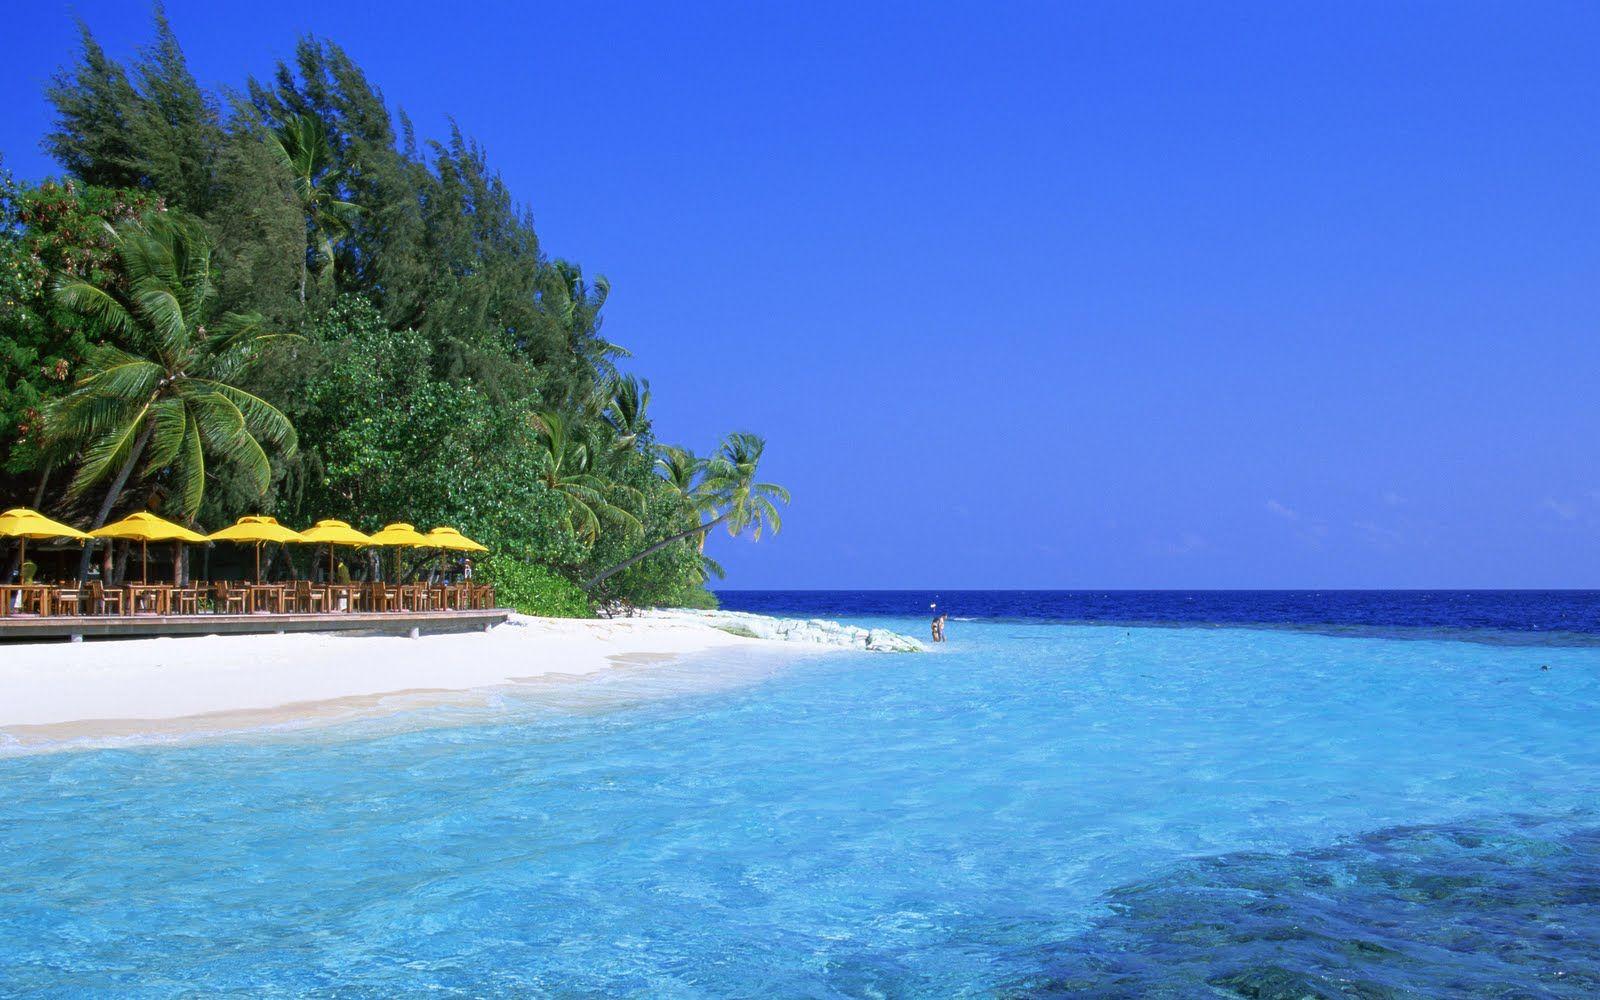 Hd Ocean Scene Wallpapers Wallpapersafari Beach